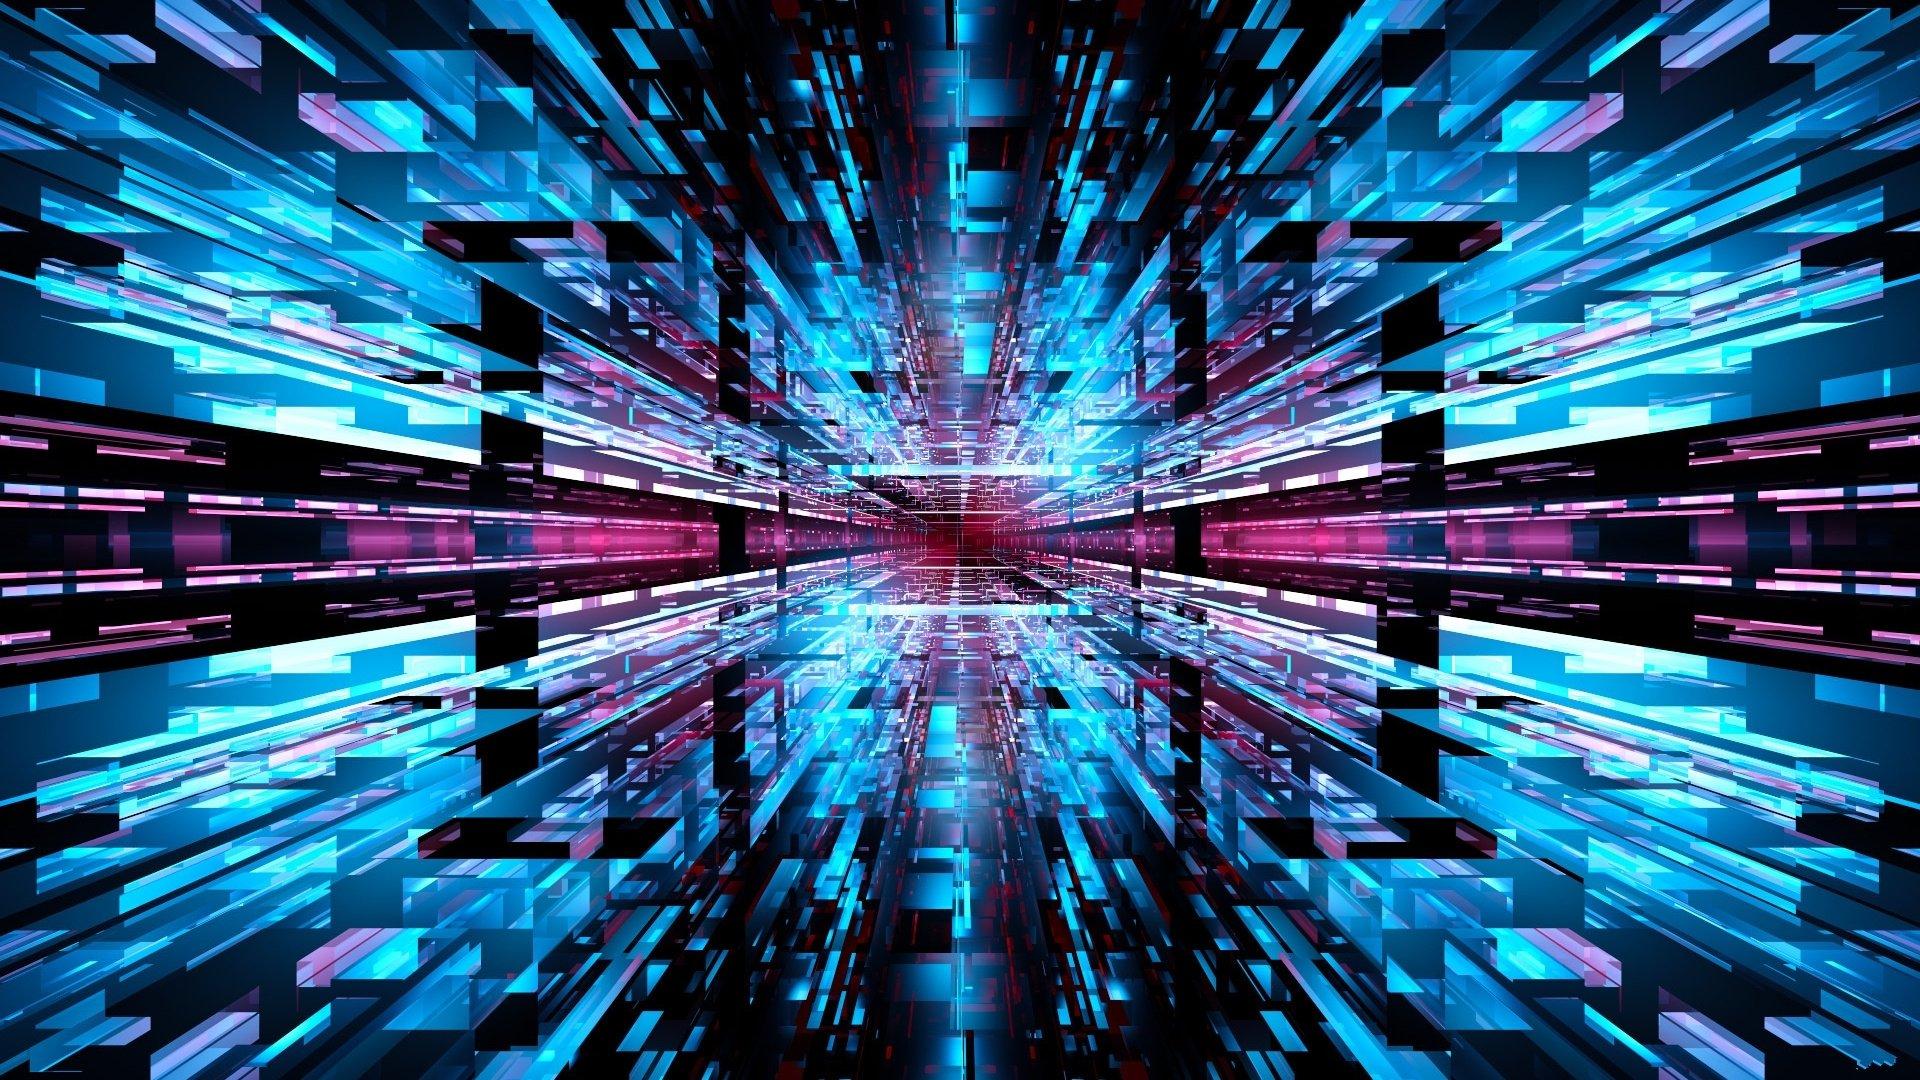 Cyber Wallpaper Full HD